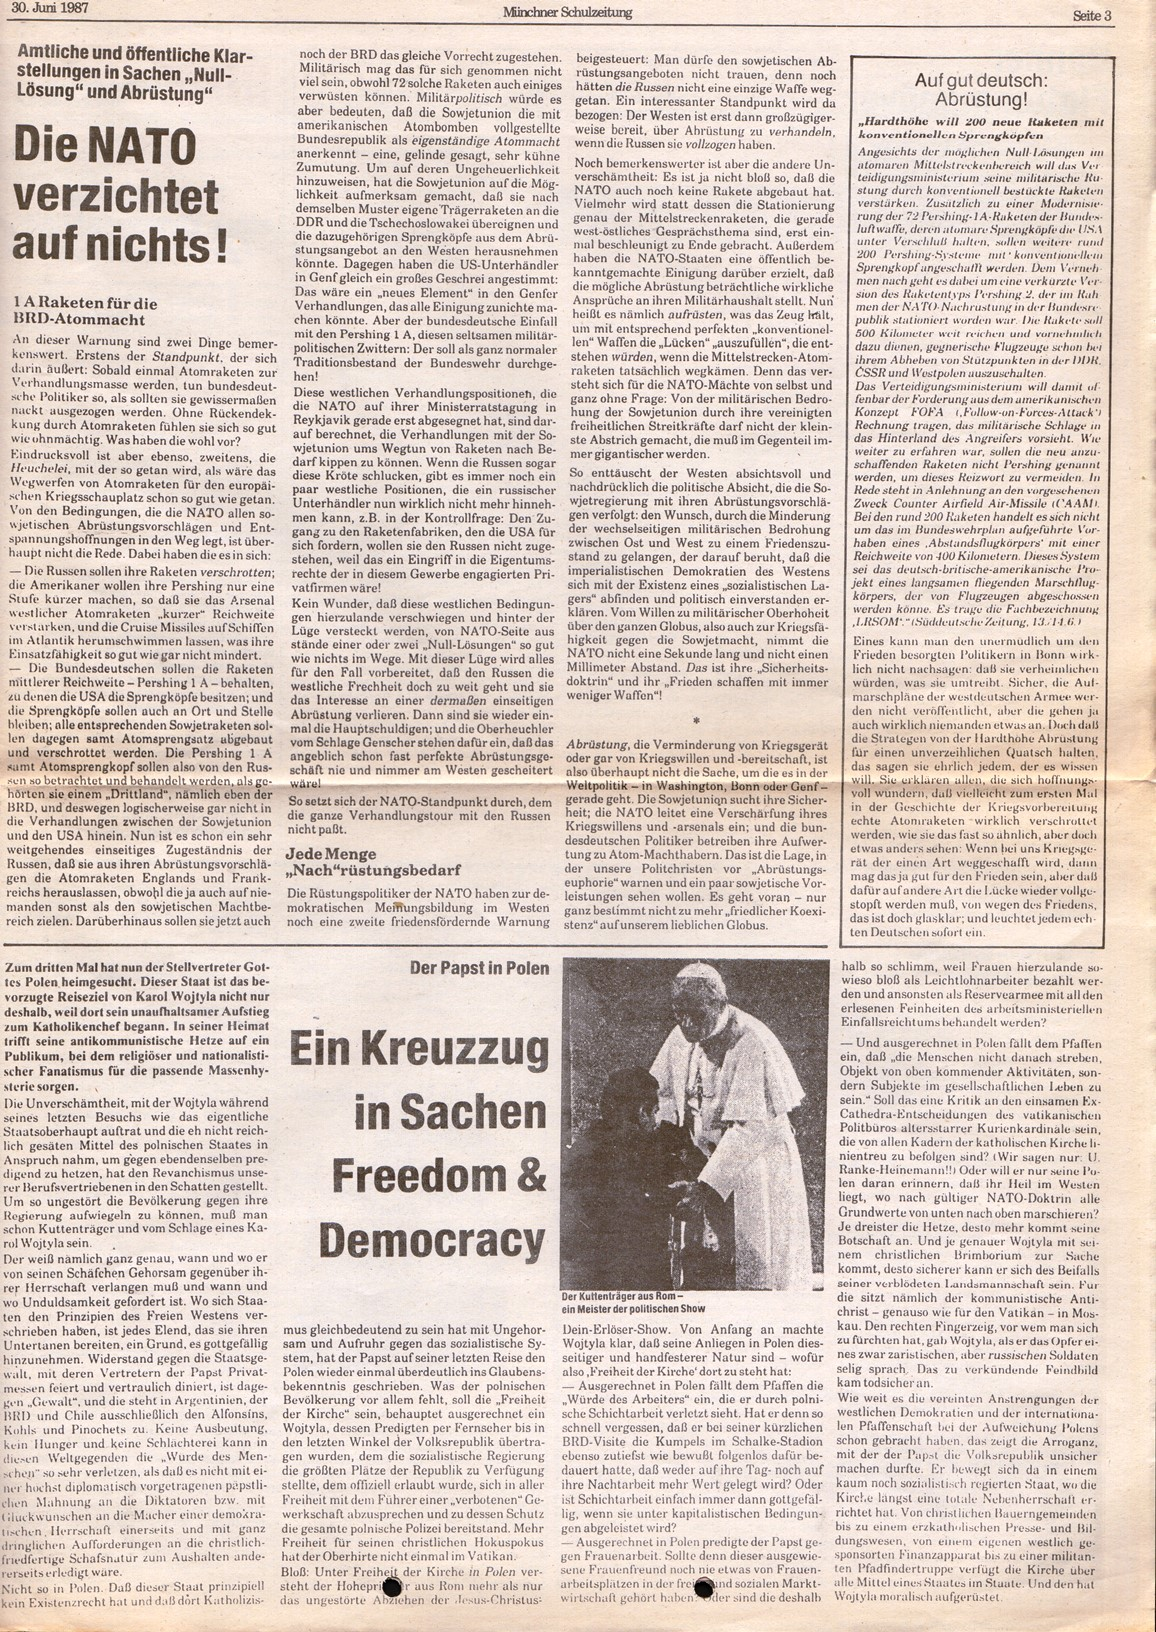 Muenchen_MG_Schulzeitung_19870630_03